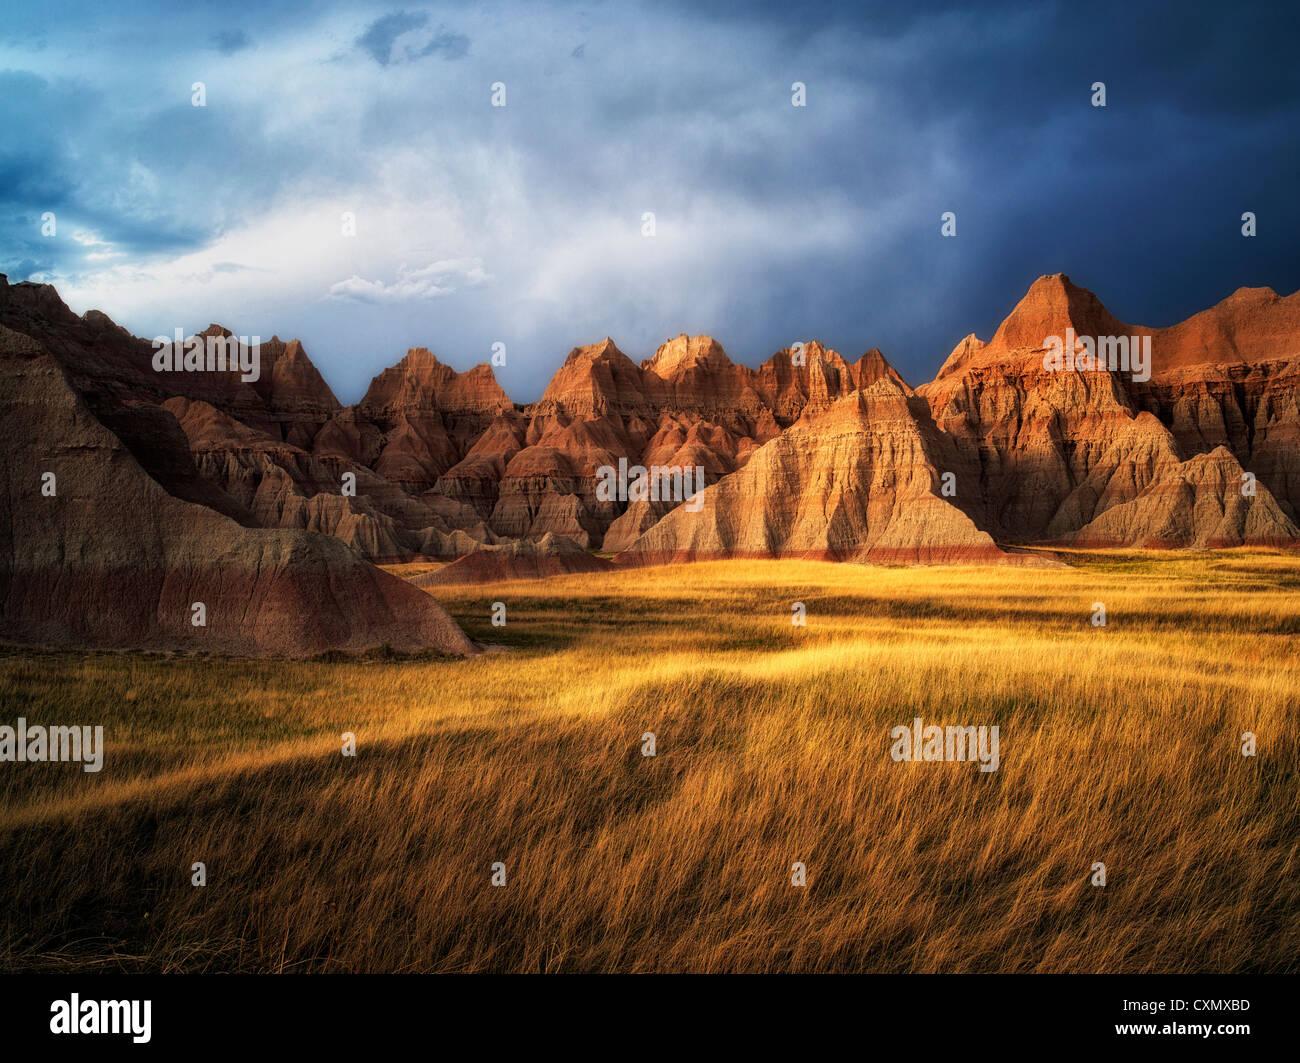 Prato di erba e rocce colorate. Parco nazionale Badlands, South Dakota. Immagini Stock